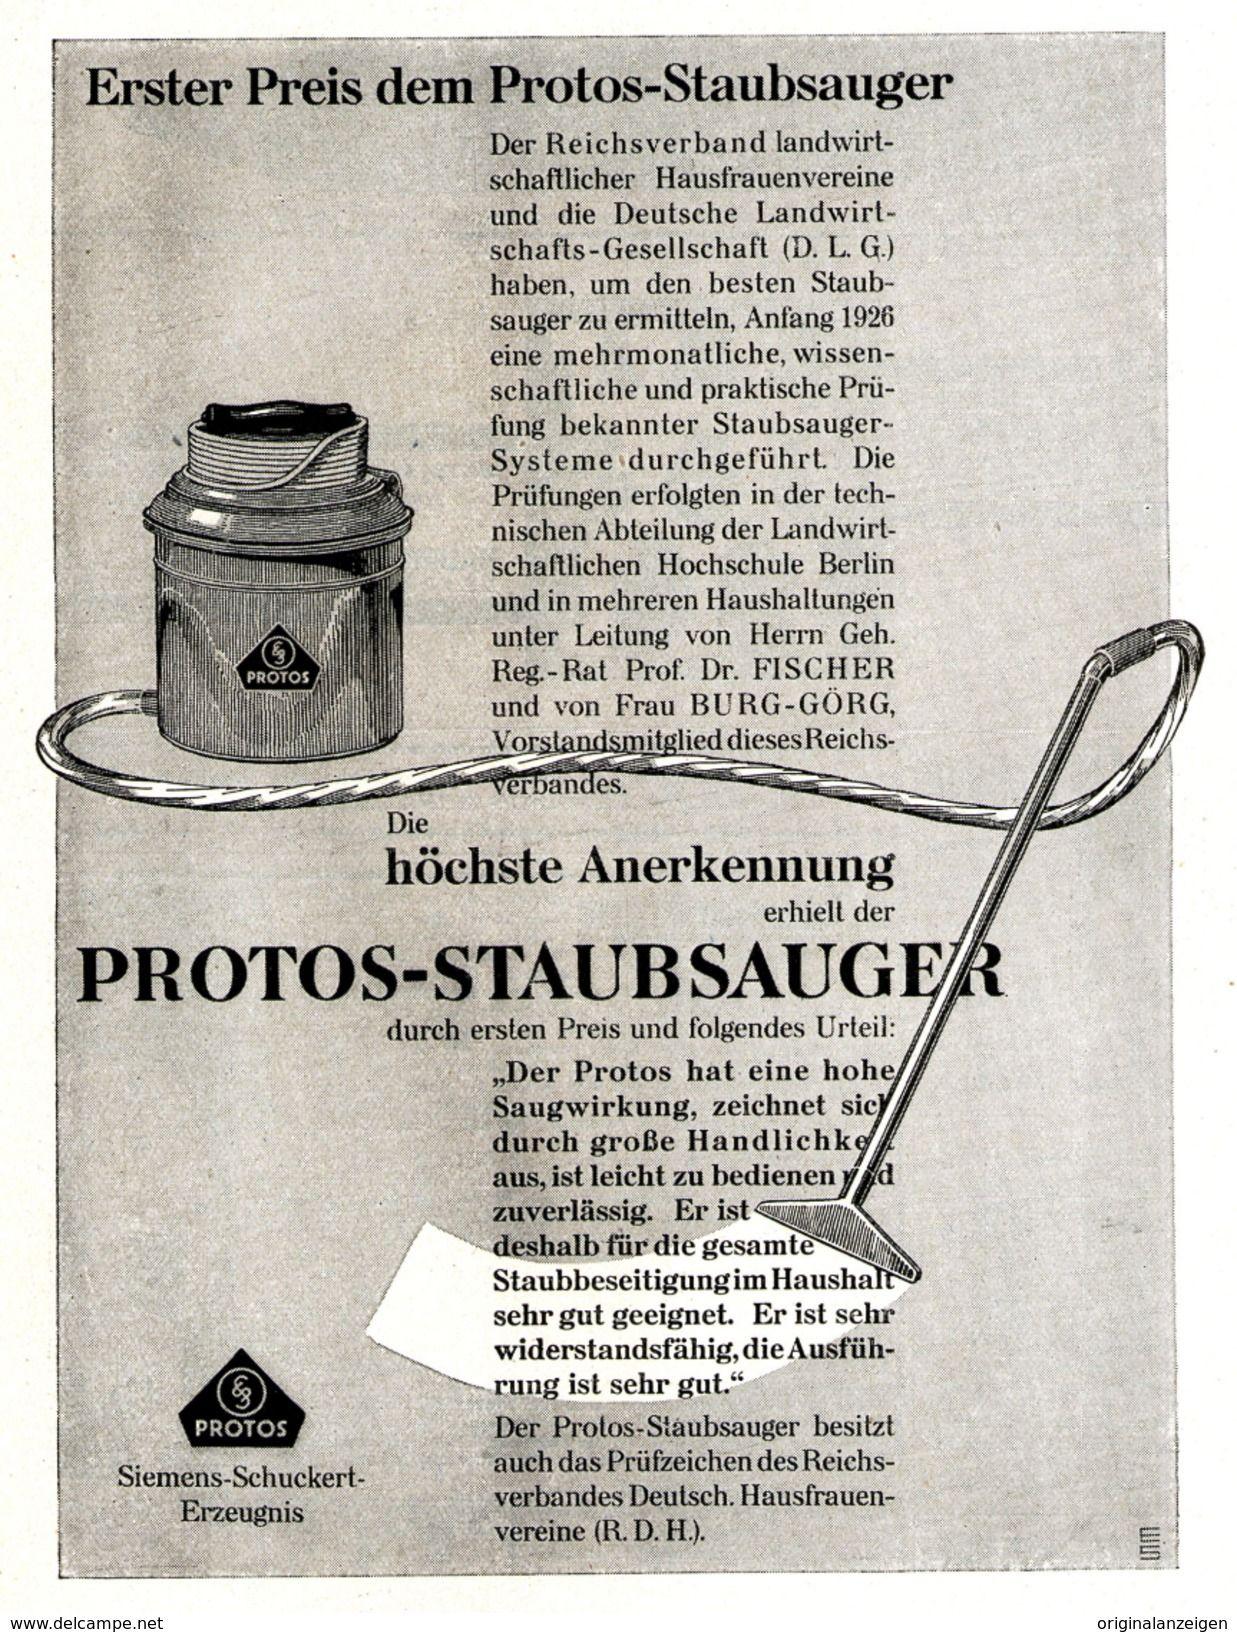 Historischer Siemens Staubsauger, Siemens Schuckert, Protos